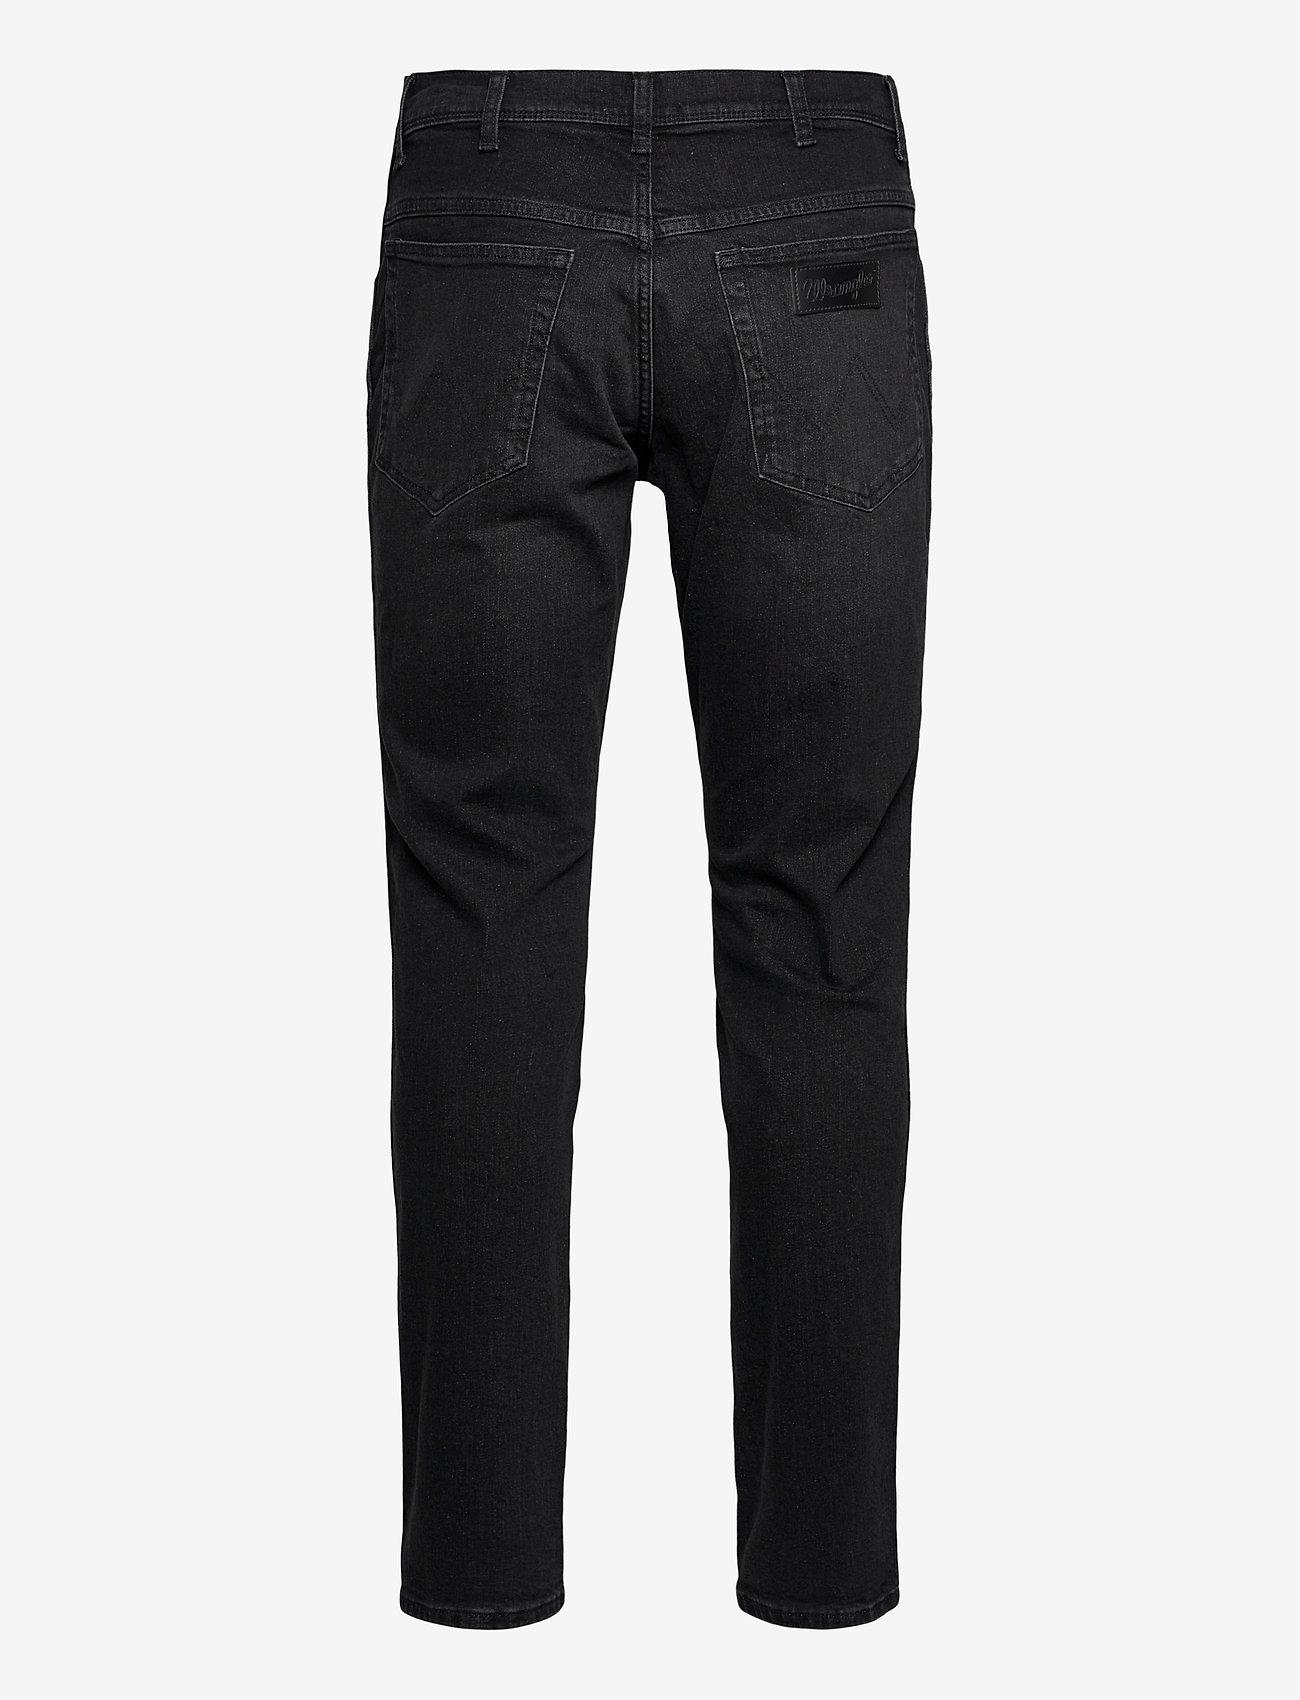 Wrangler TEXAS TAPER - Jeans LIKE A CHAMP - Menn Klær